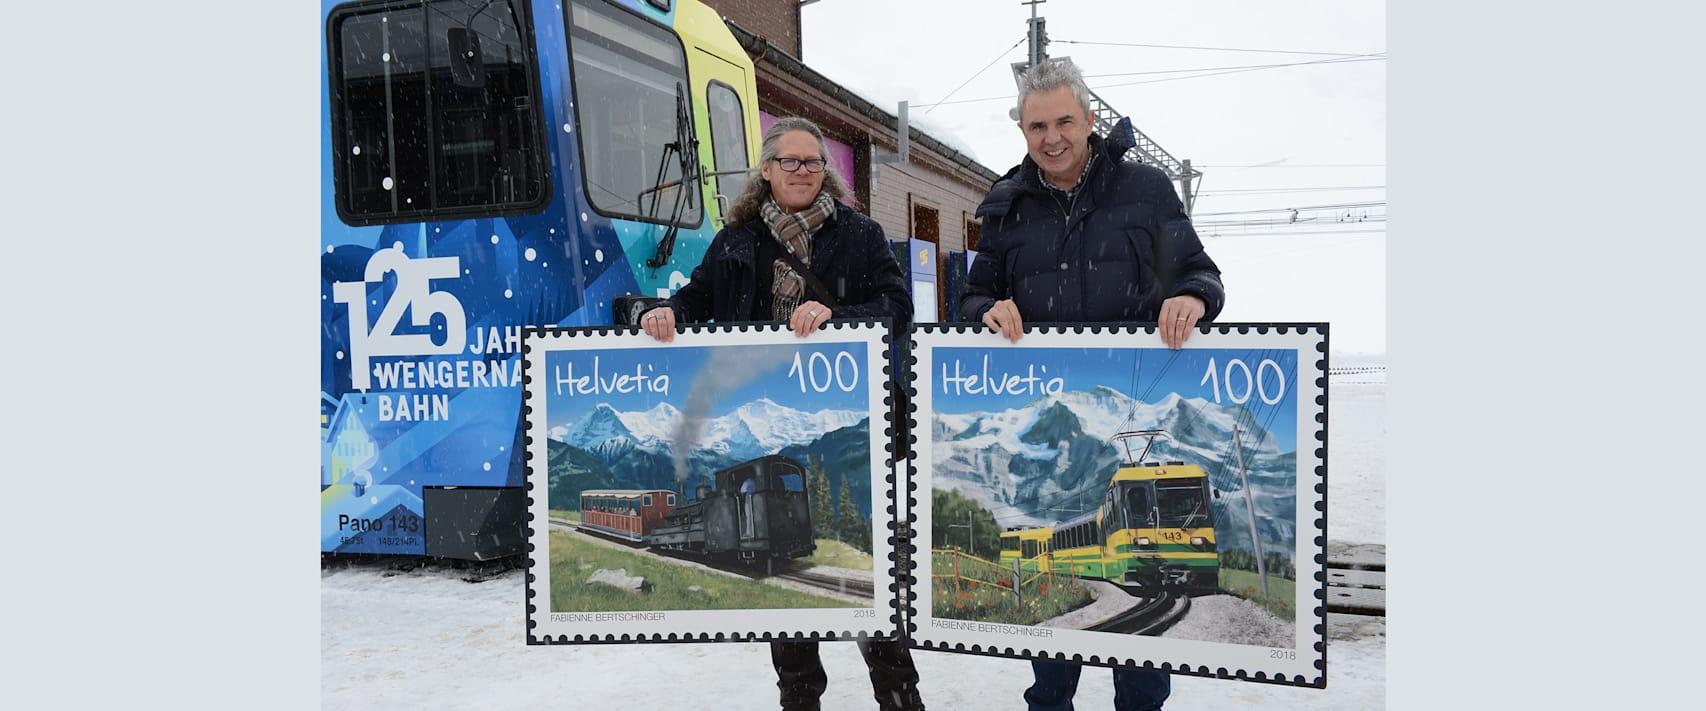 Bernhard Kallen und Urs Kessler mit den Briefmarken vor dem Jubilaeumszug der WAB